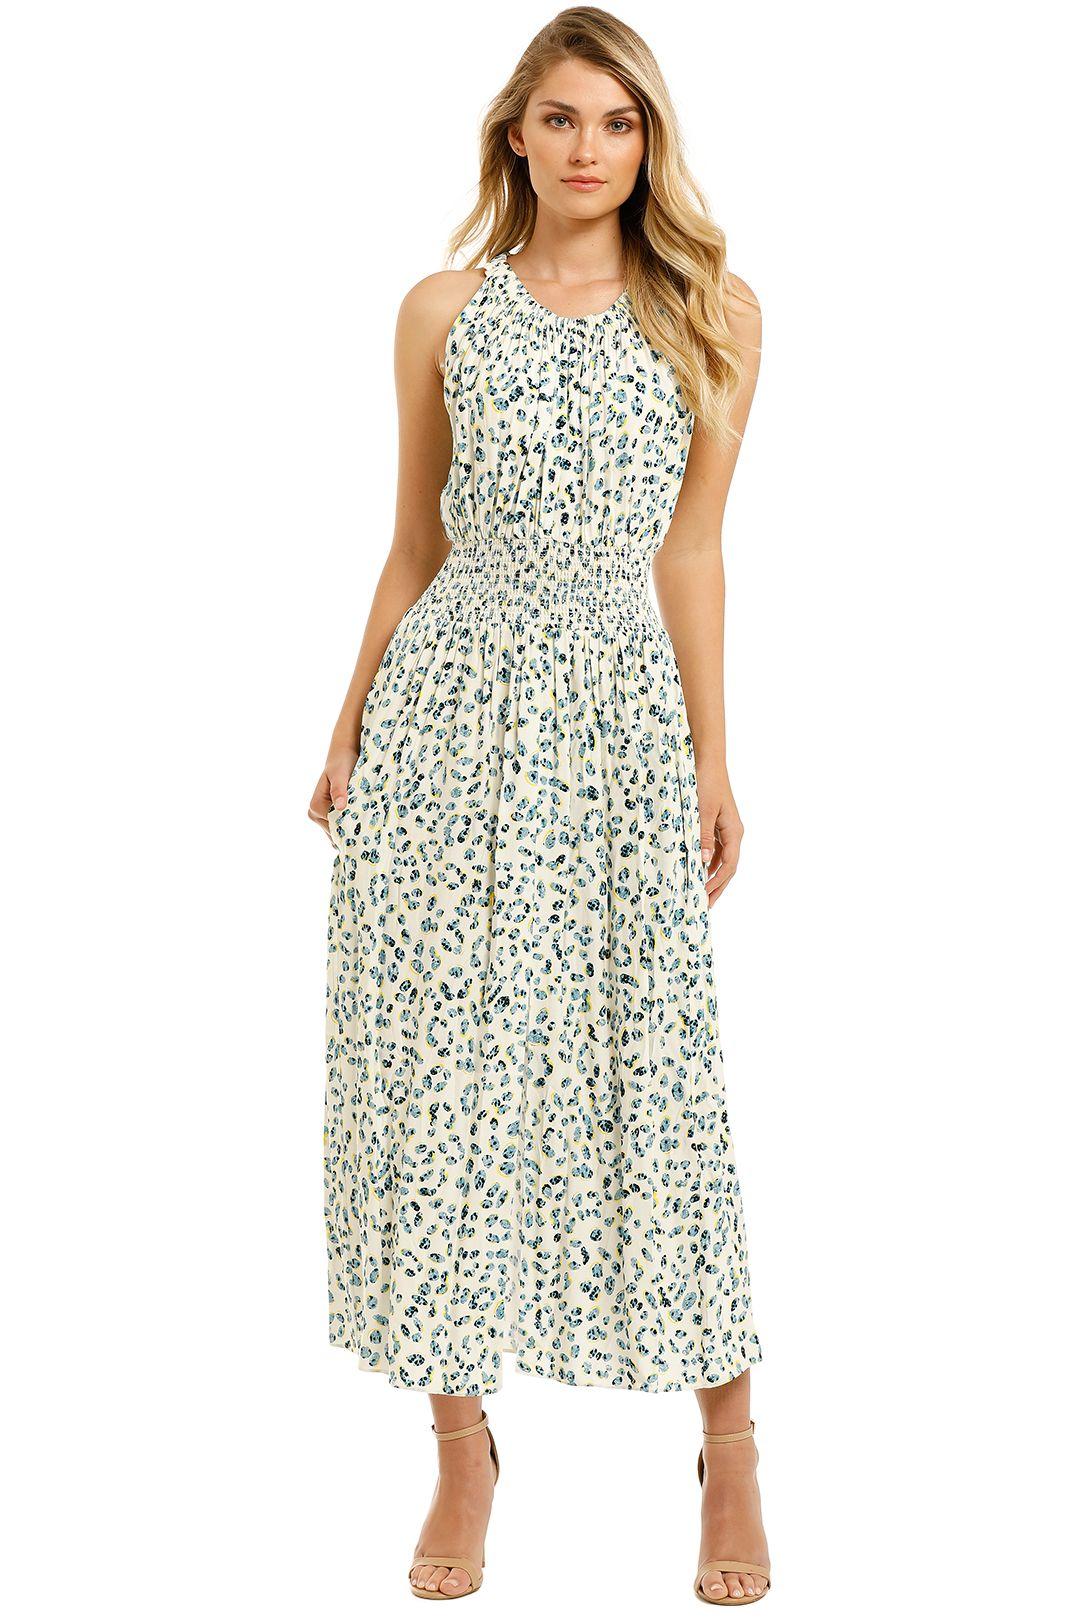 KITX-Spotty-Flower-Dress-Front